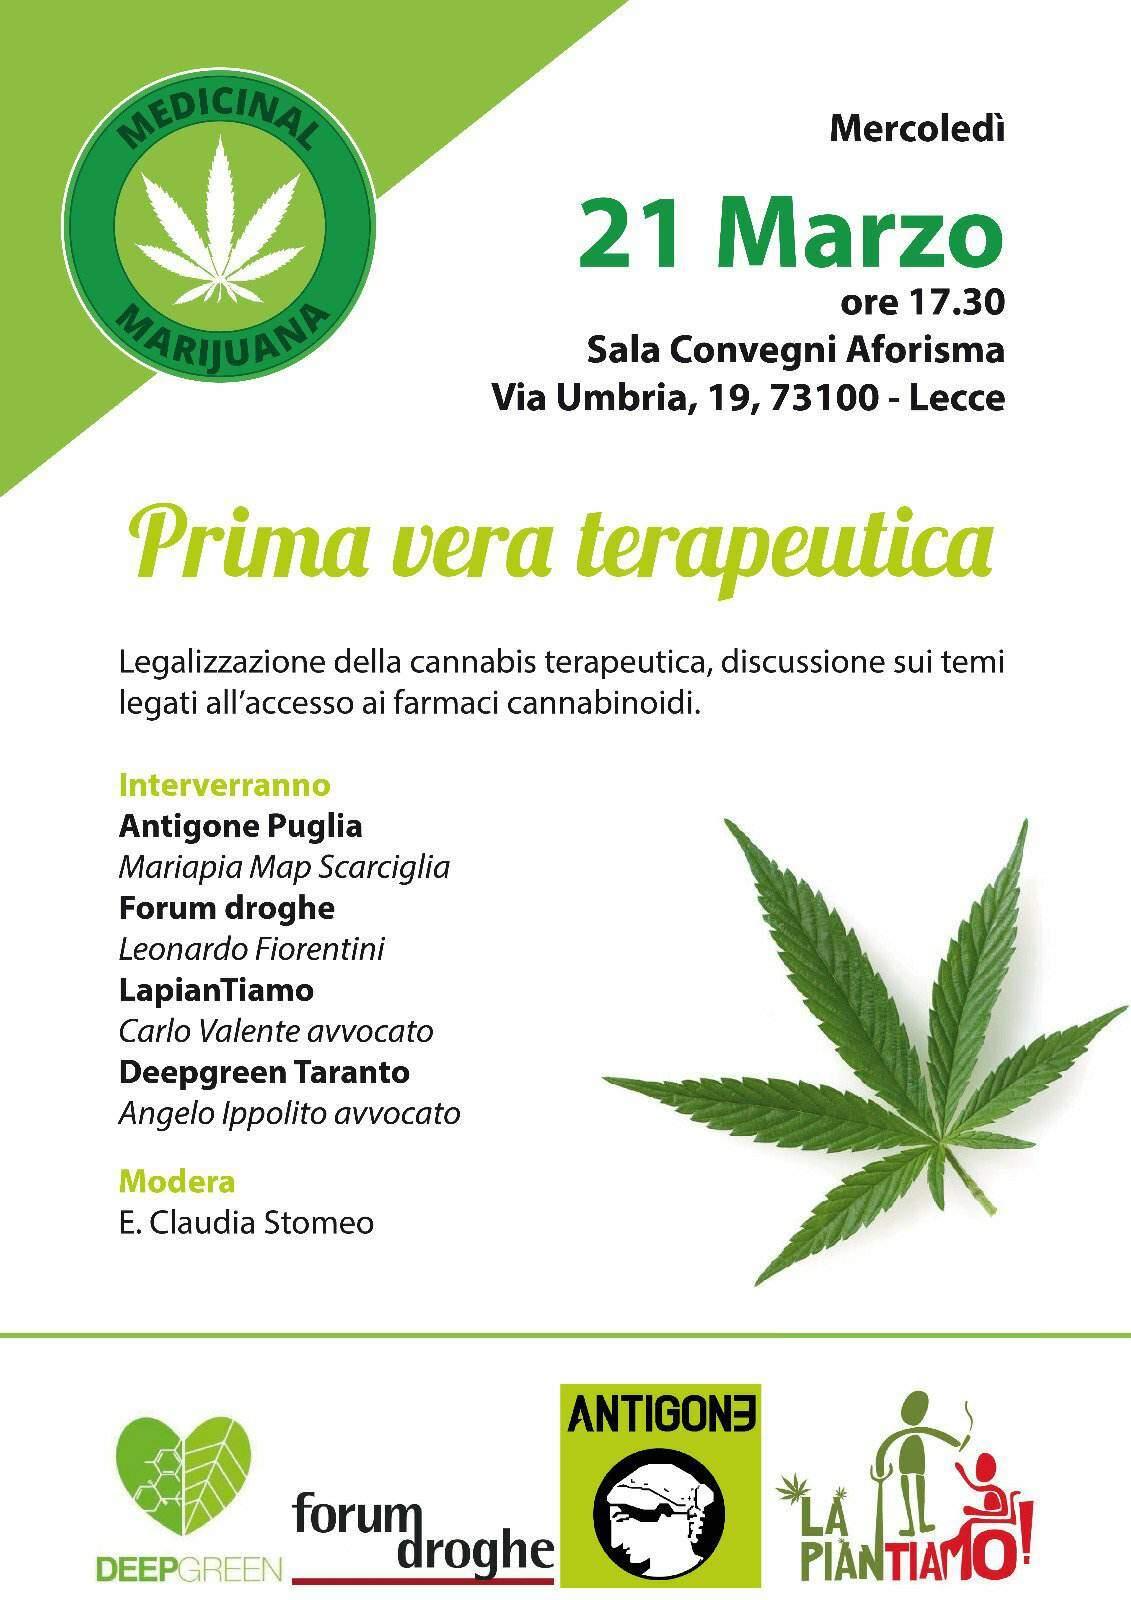 Cannabis terapeutica La piantiamo Lecce